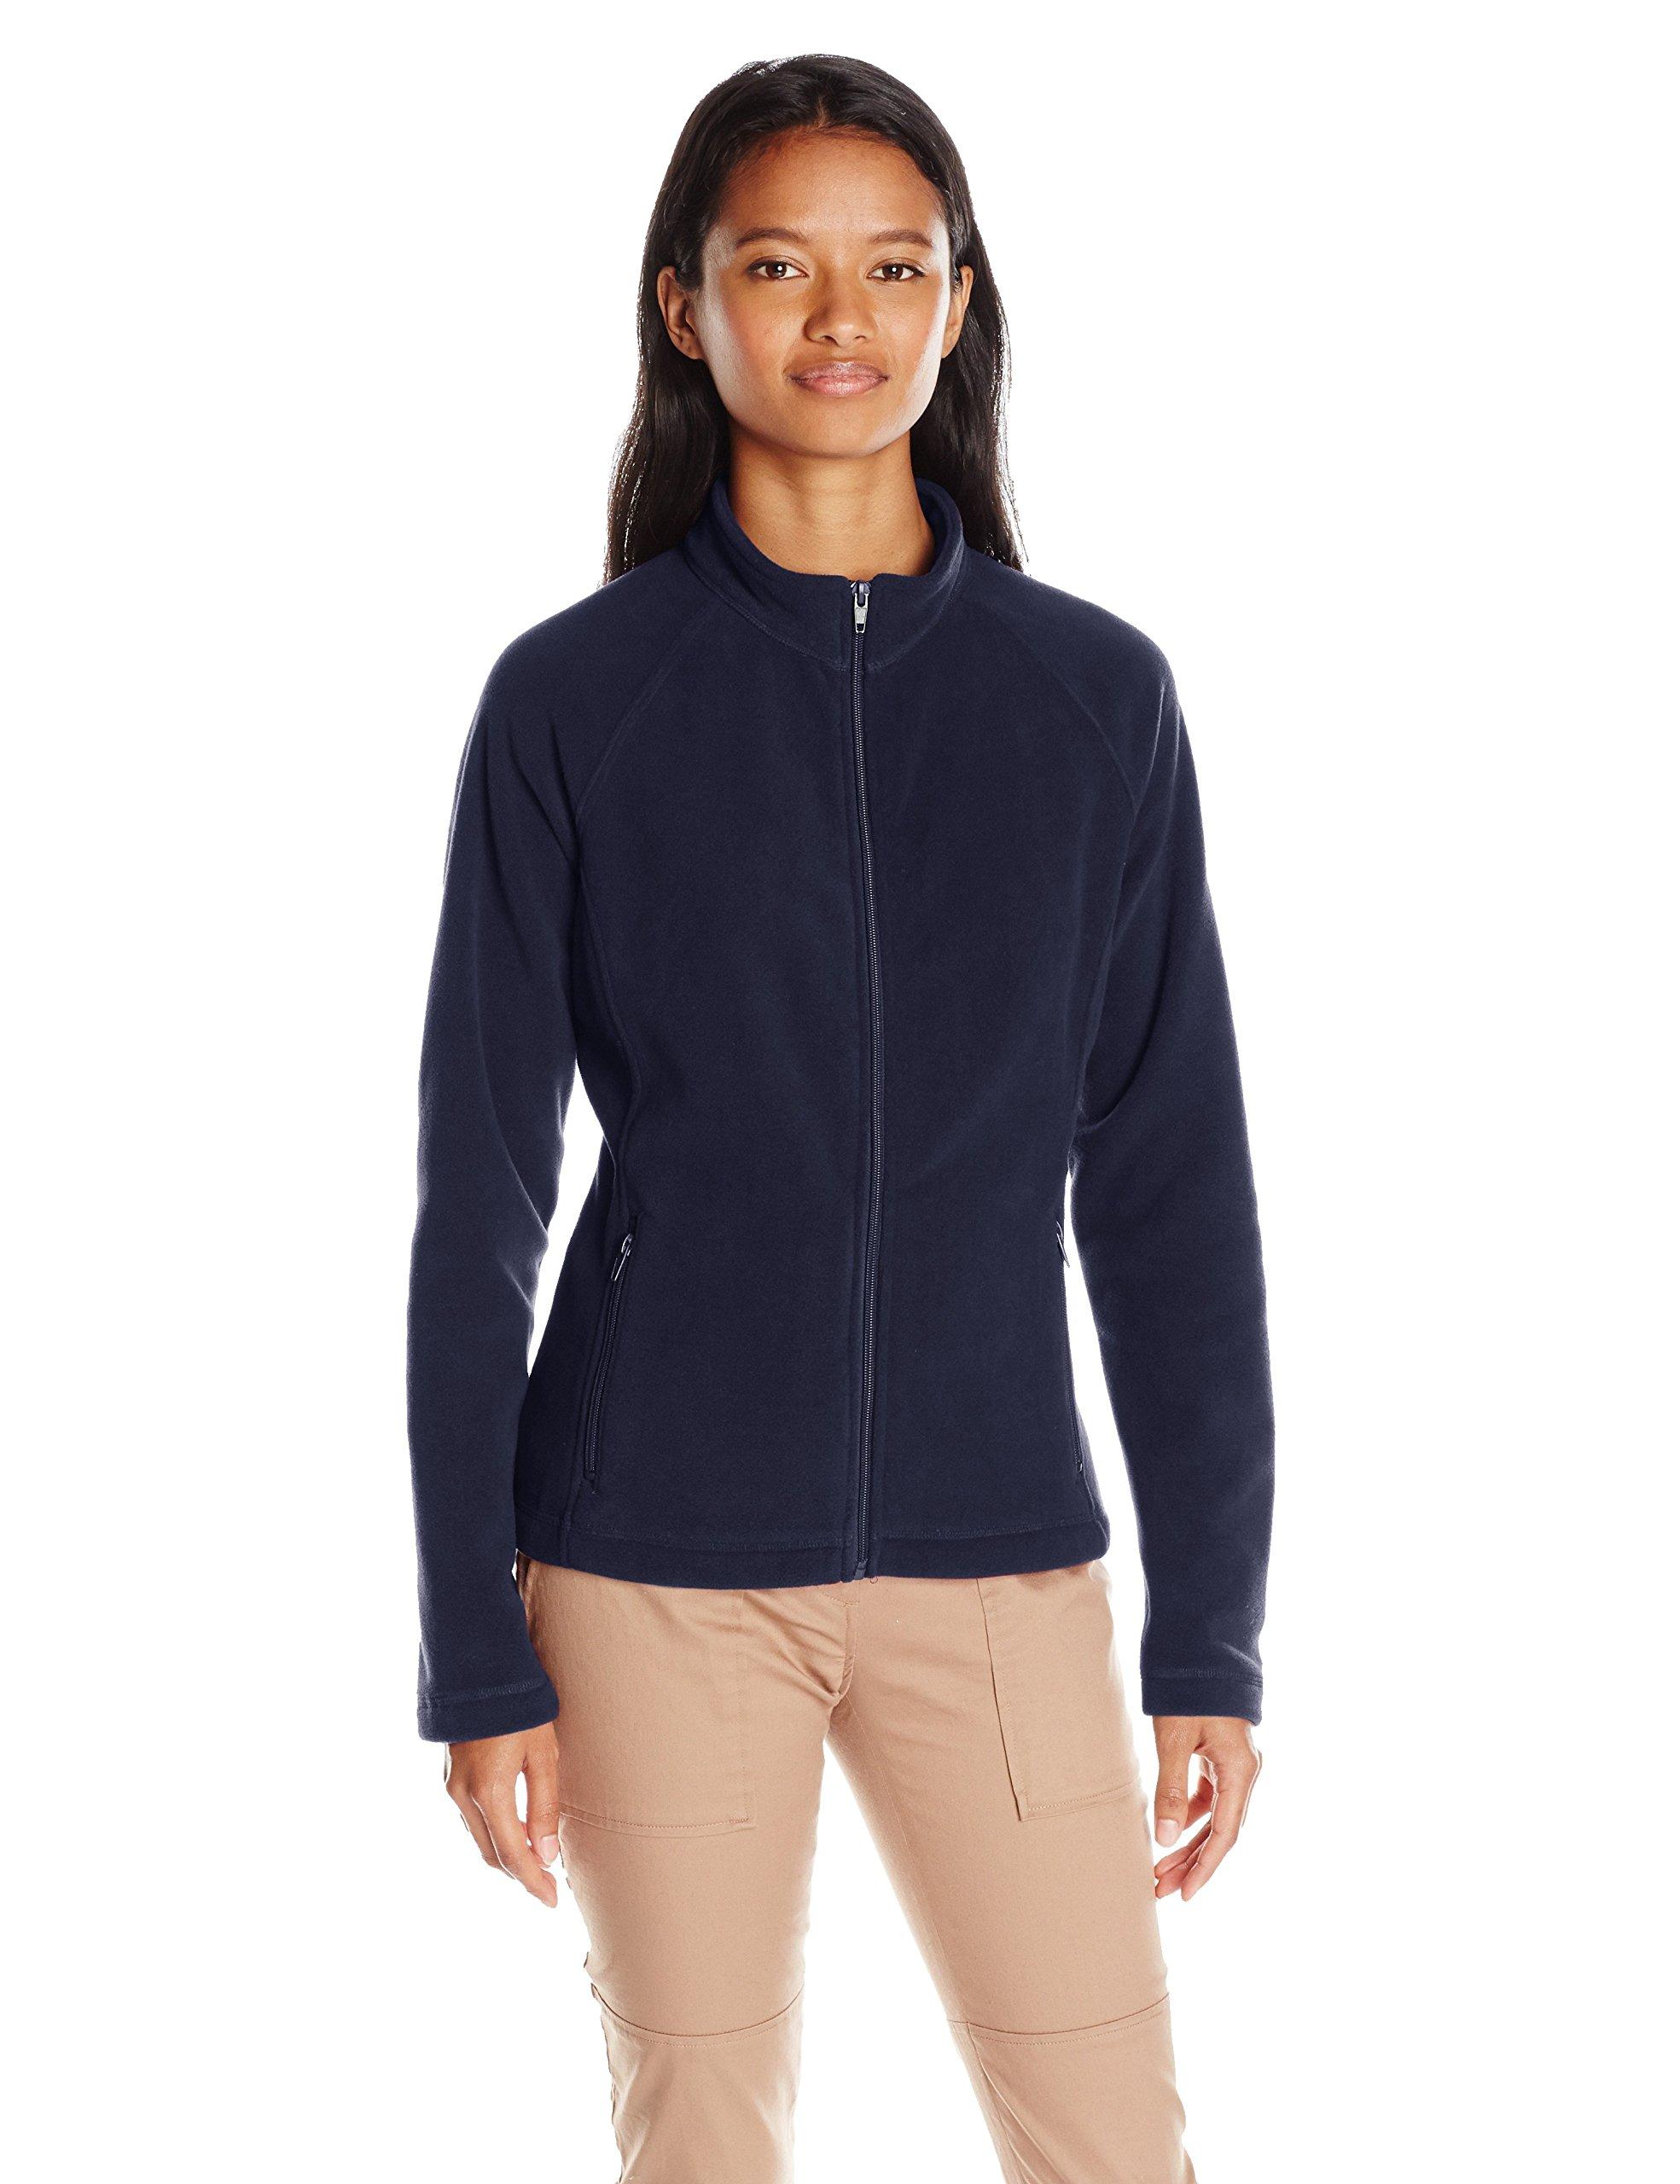 Classroom Uniforms Junior Fitted Polar Fleece Jacket, Dark Navy, Medium